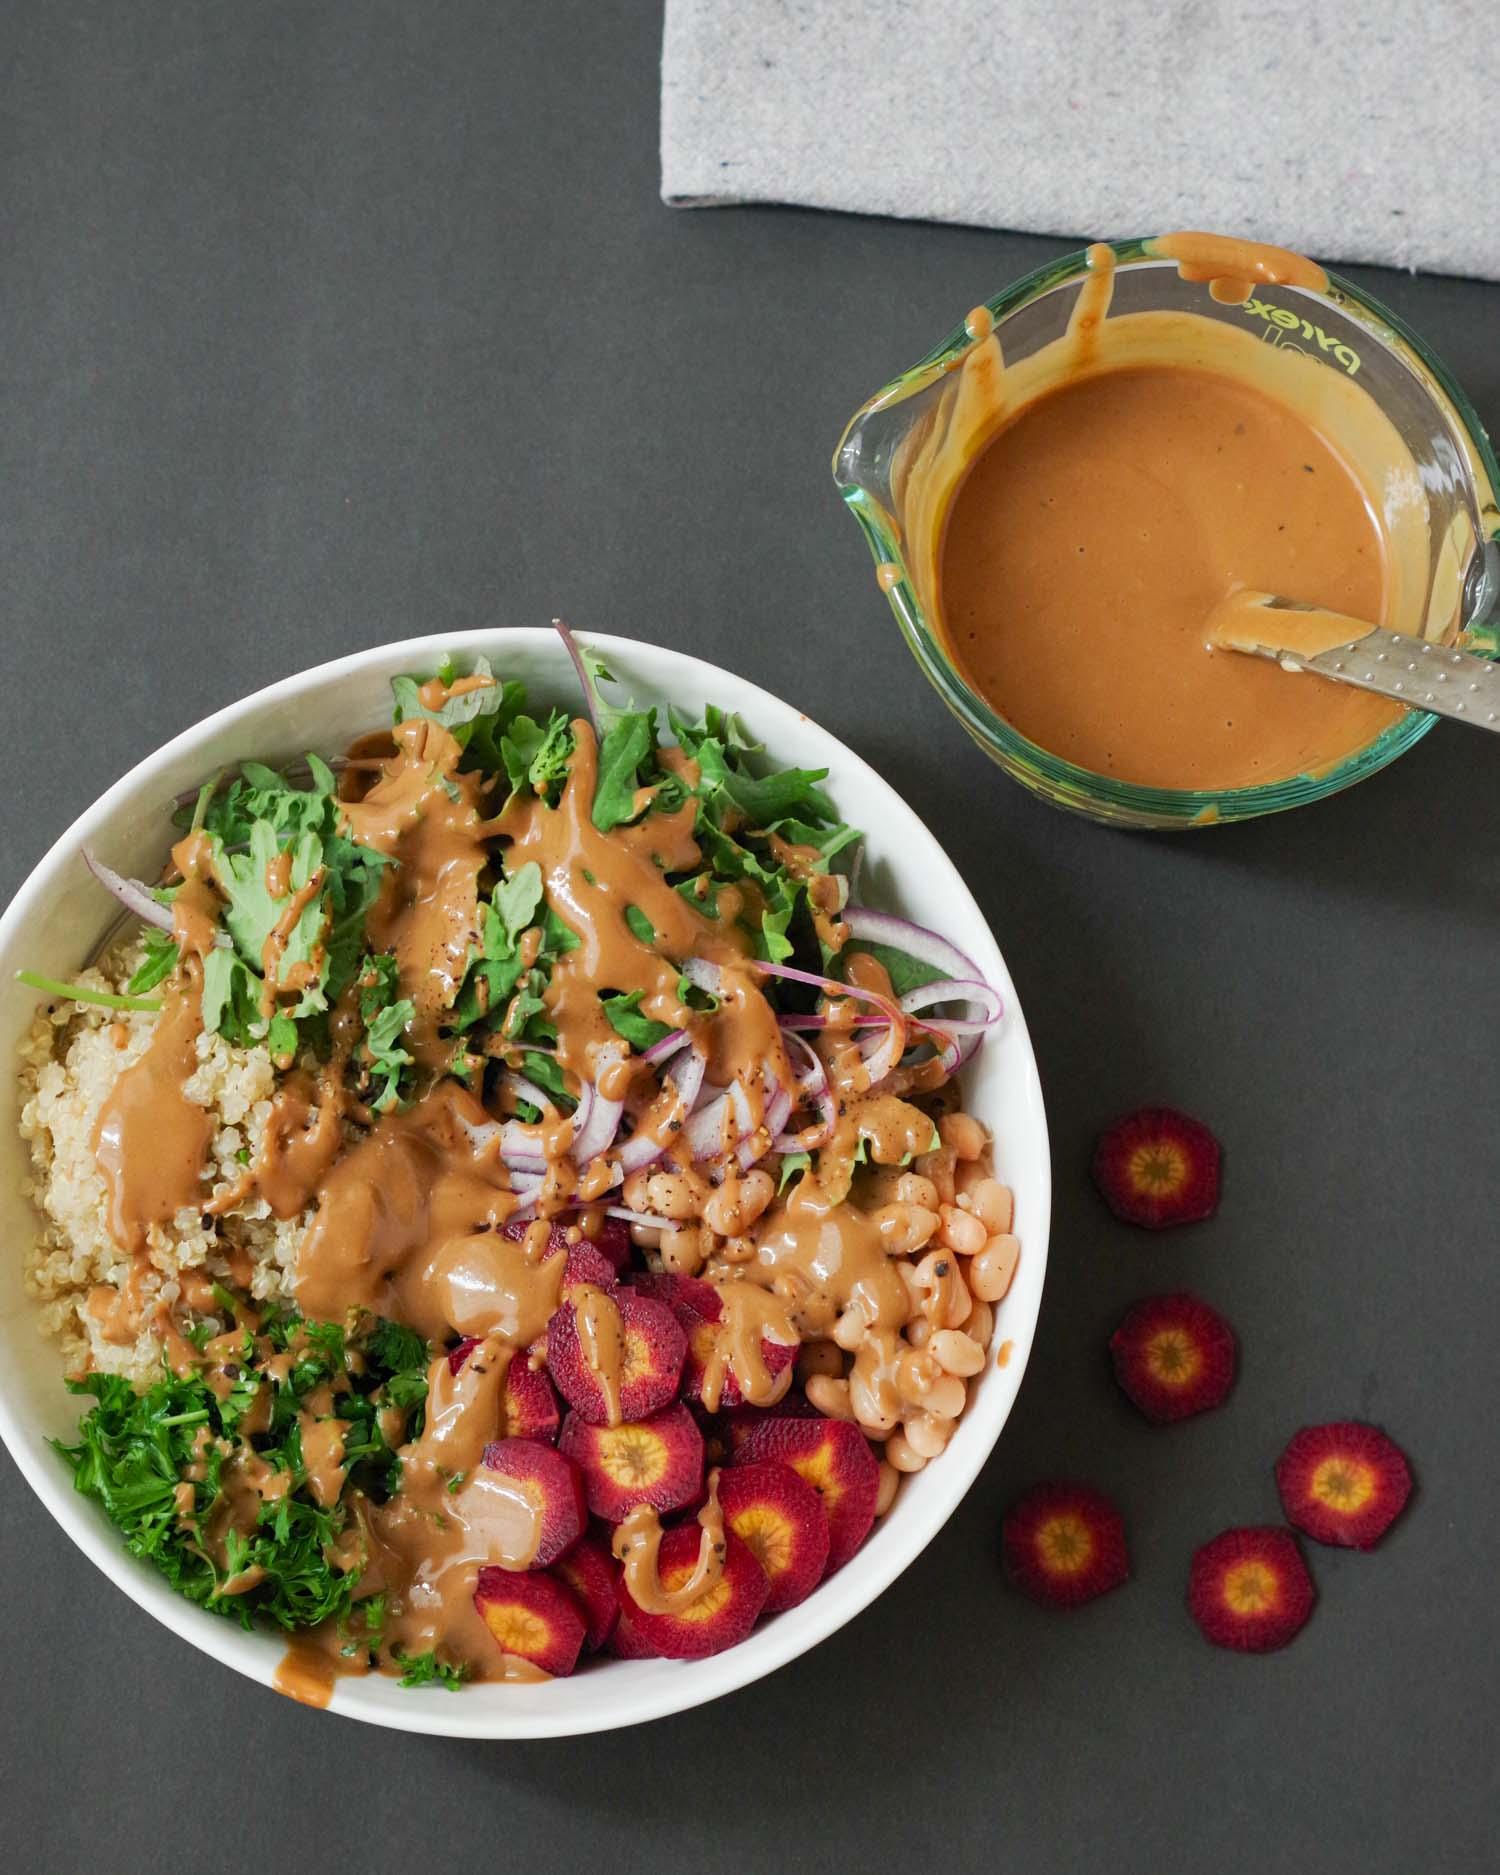 Easy Vegan Buddhan Bowl, by Beautiful Ingredient